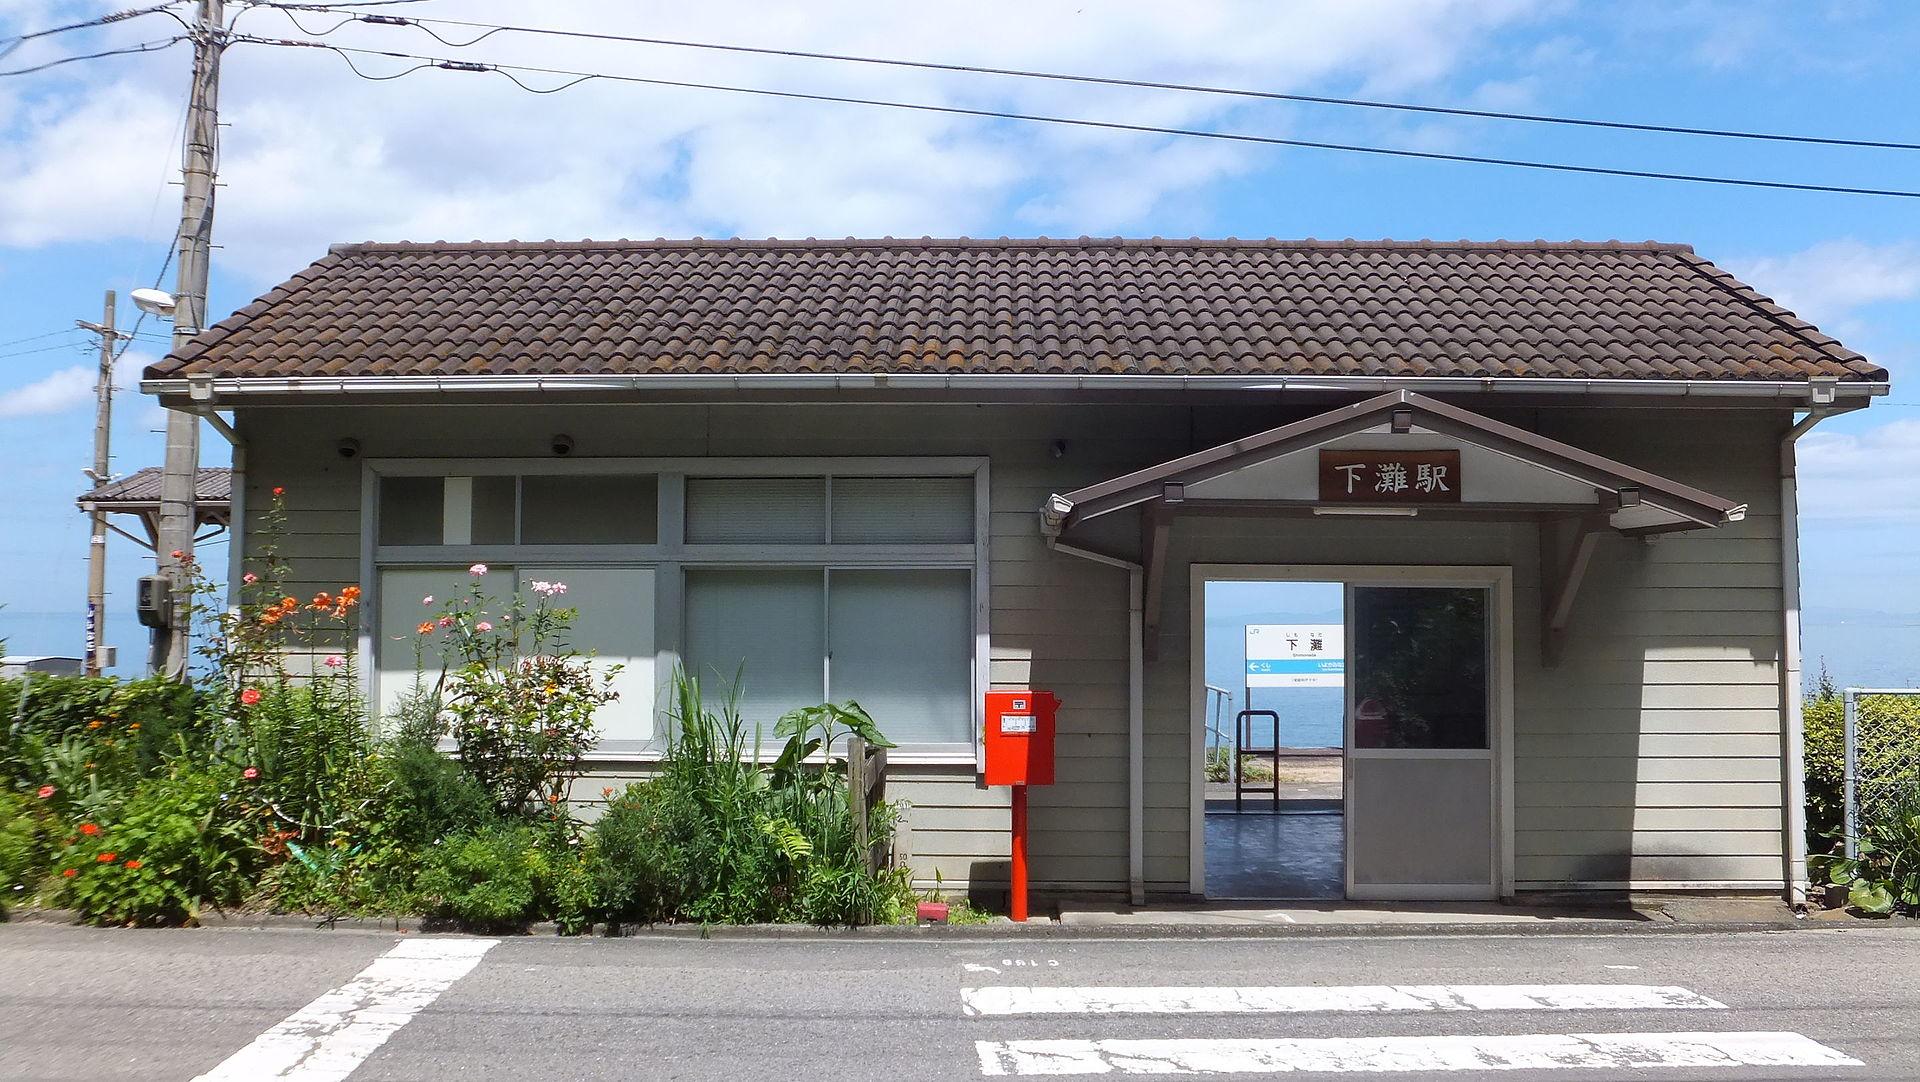 10 สถานีรถไฟญี่ปุ่นที่มีทิวทัศน์สวยงาม-สถานีรถไฟ ชิโมนาดะ